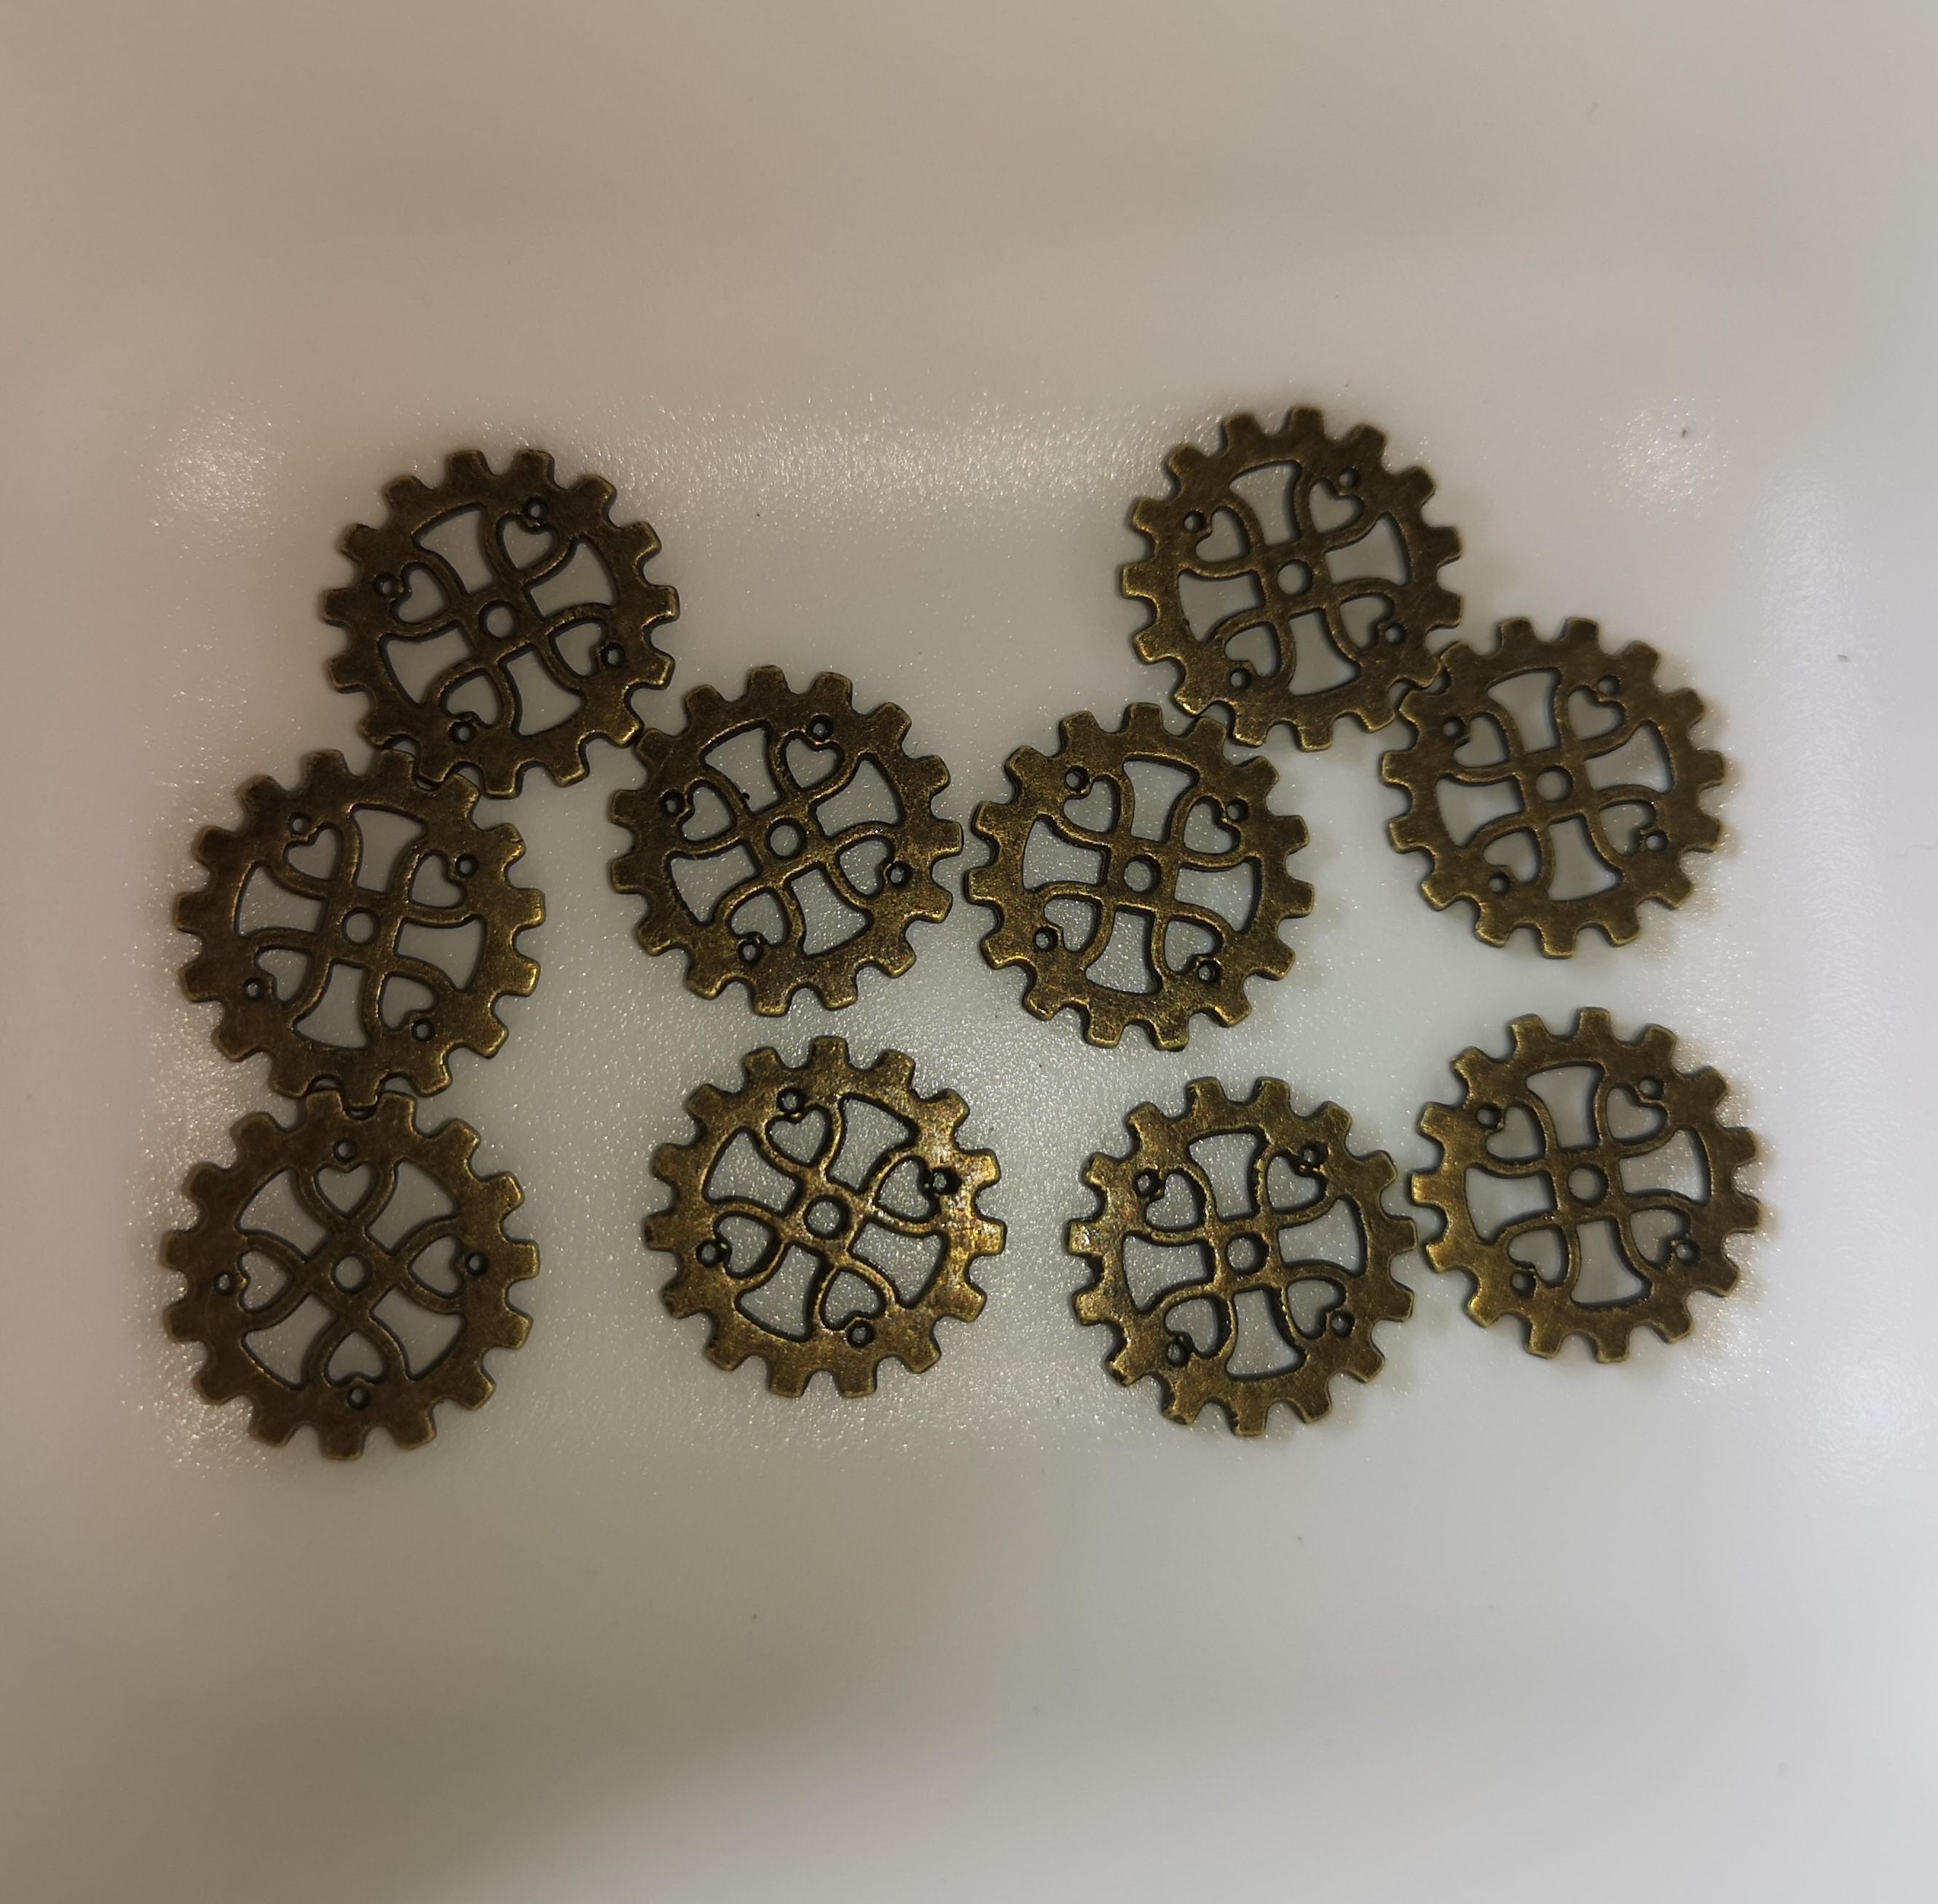 Charms - Gear hjul/hjerter 1,8cm - pose 10 stk (2 varianter)